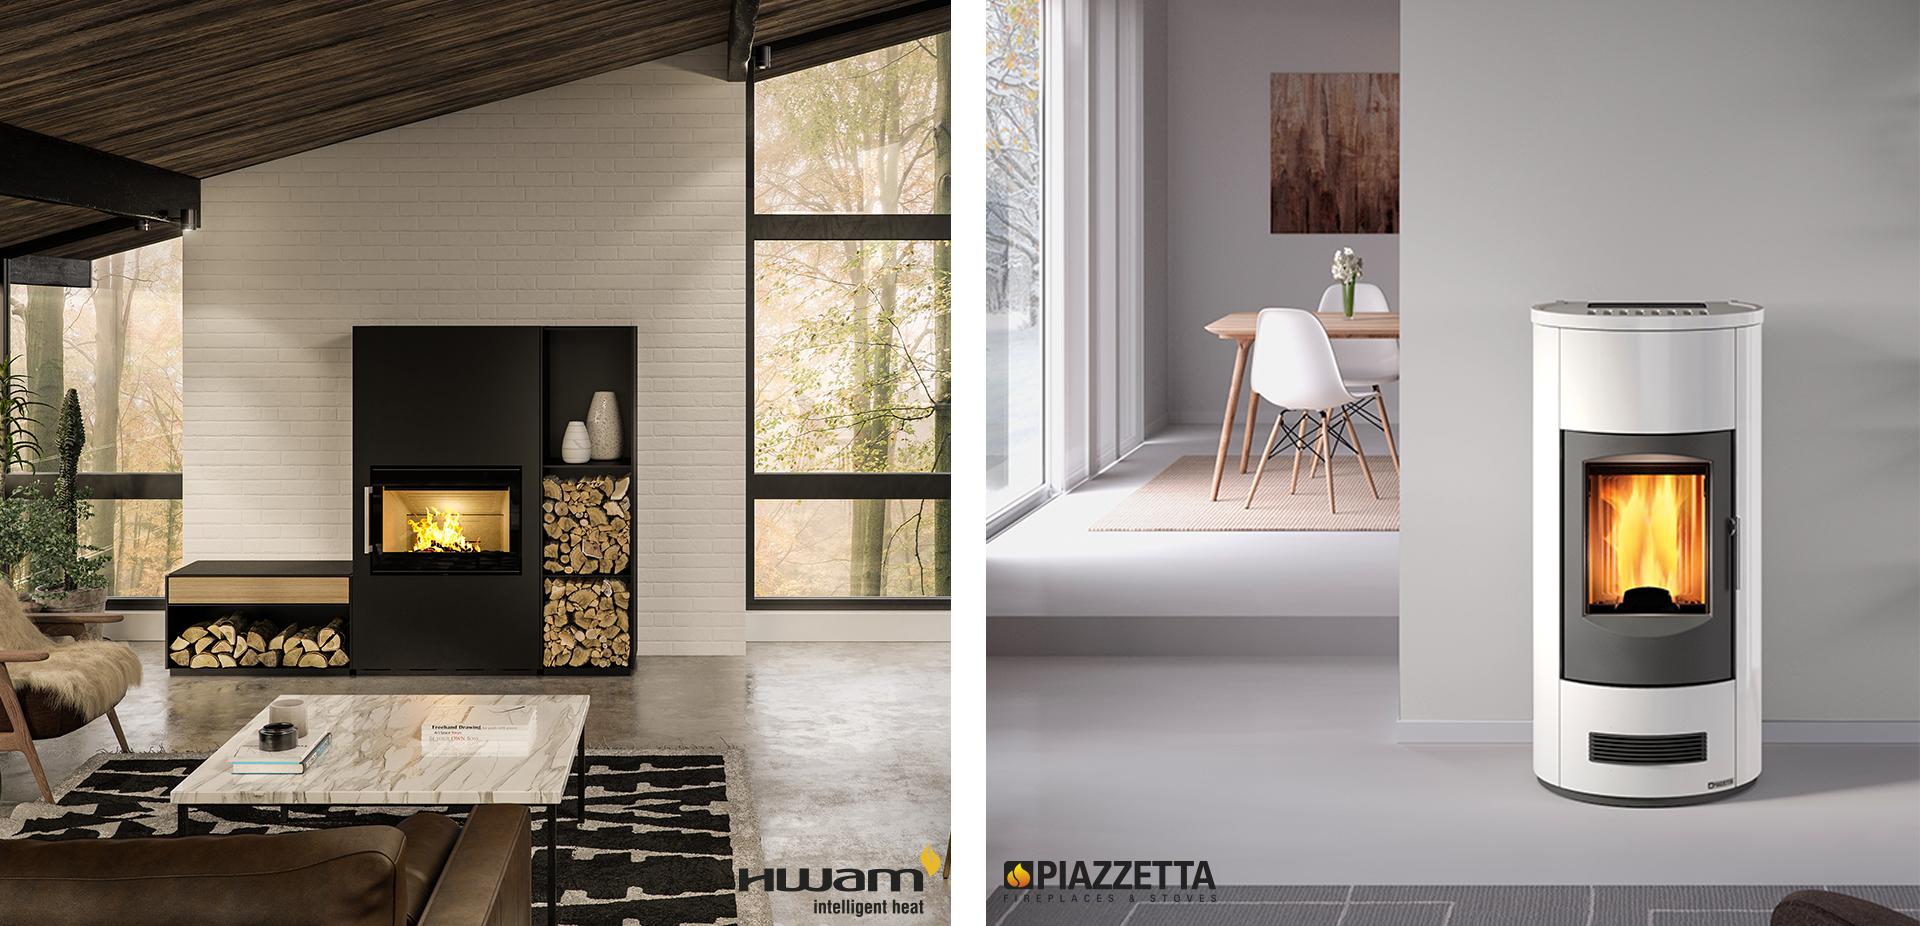 HWAM & Piazzetta - læs om vores nye Pille- & Hybriovns samarbejdspartner her